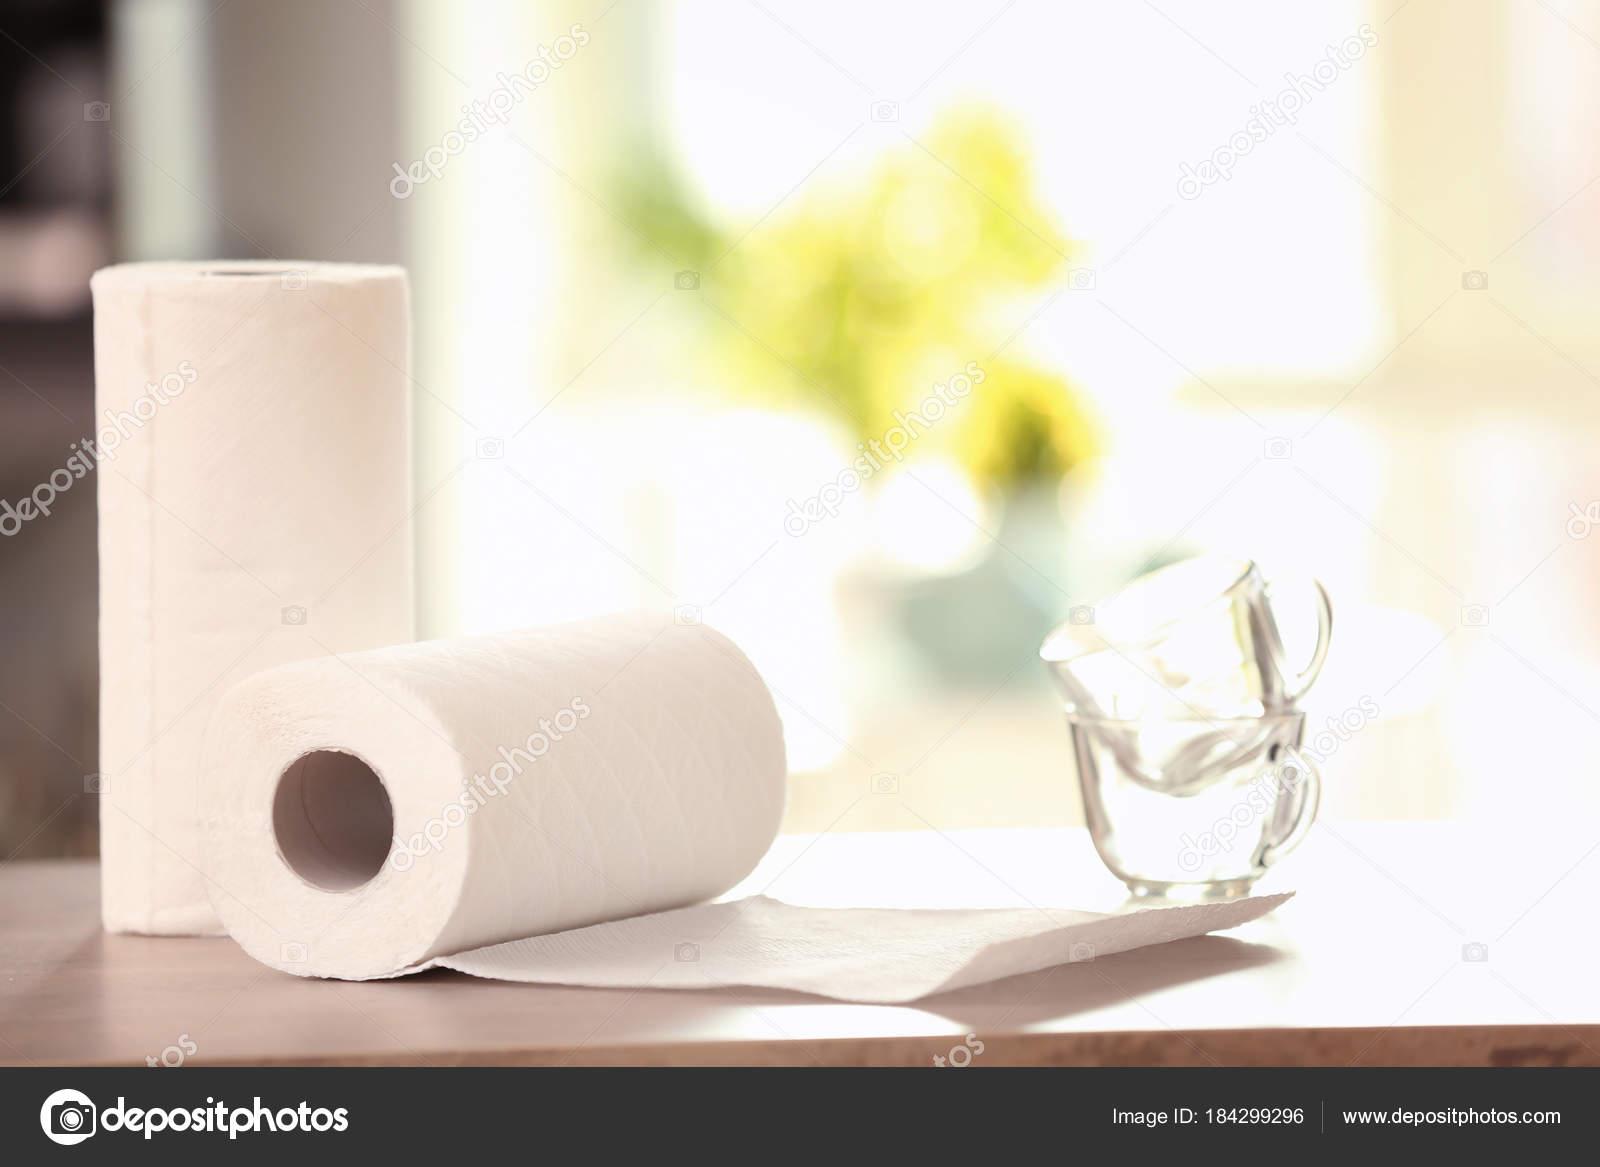 Пасхальные полотенца, рушники и дорожки на стол купить